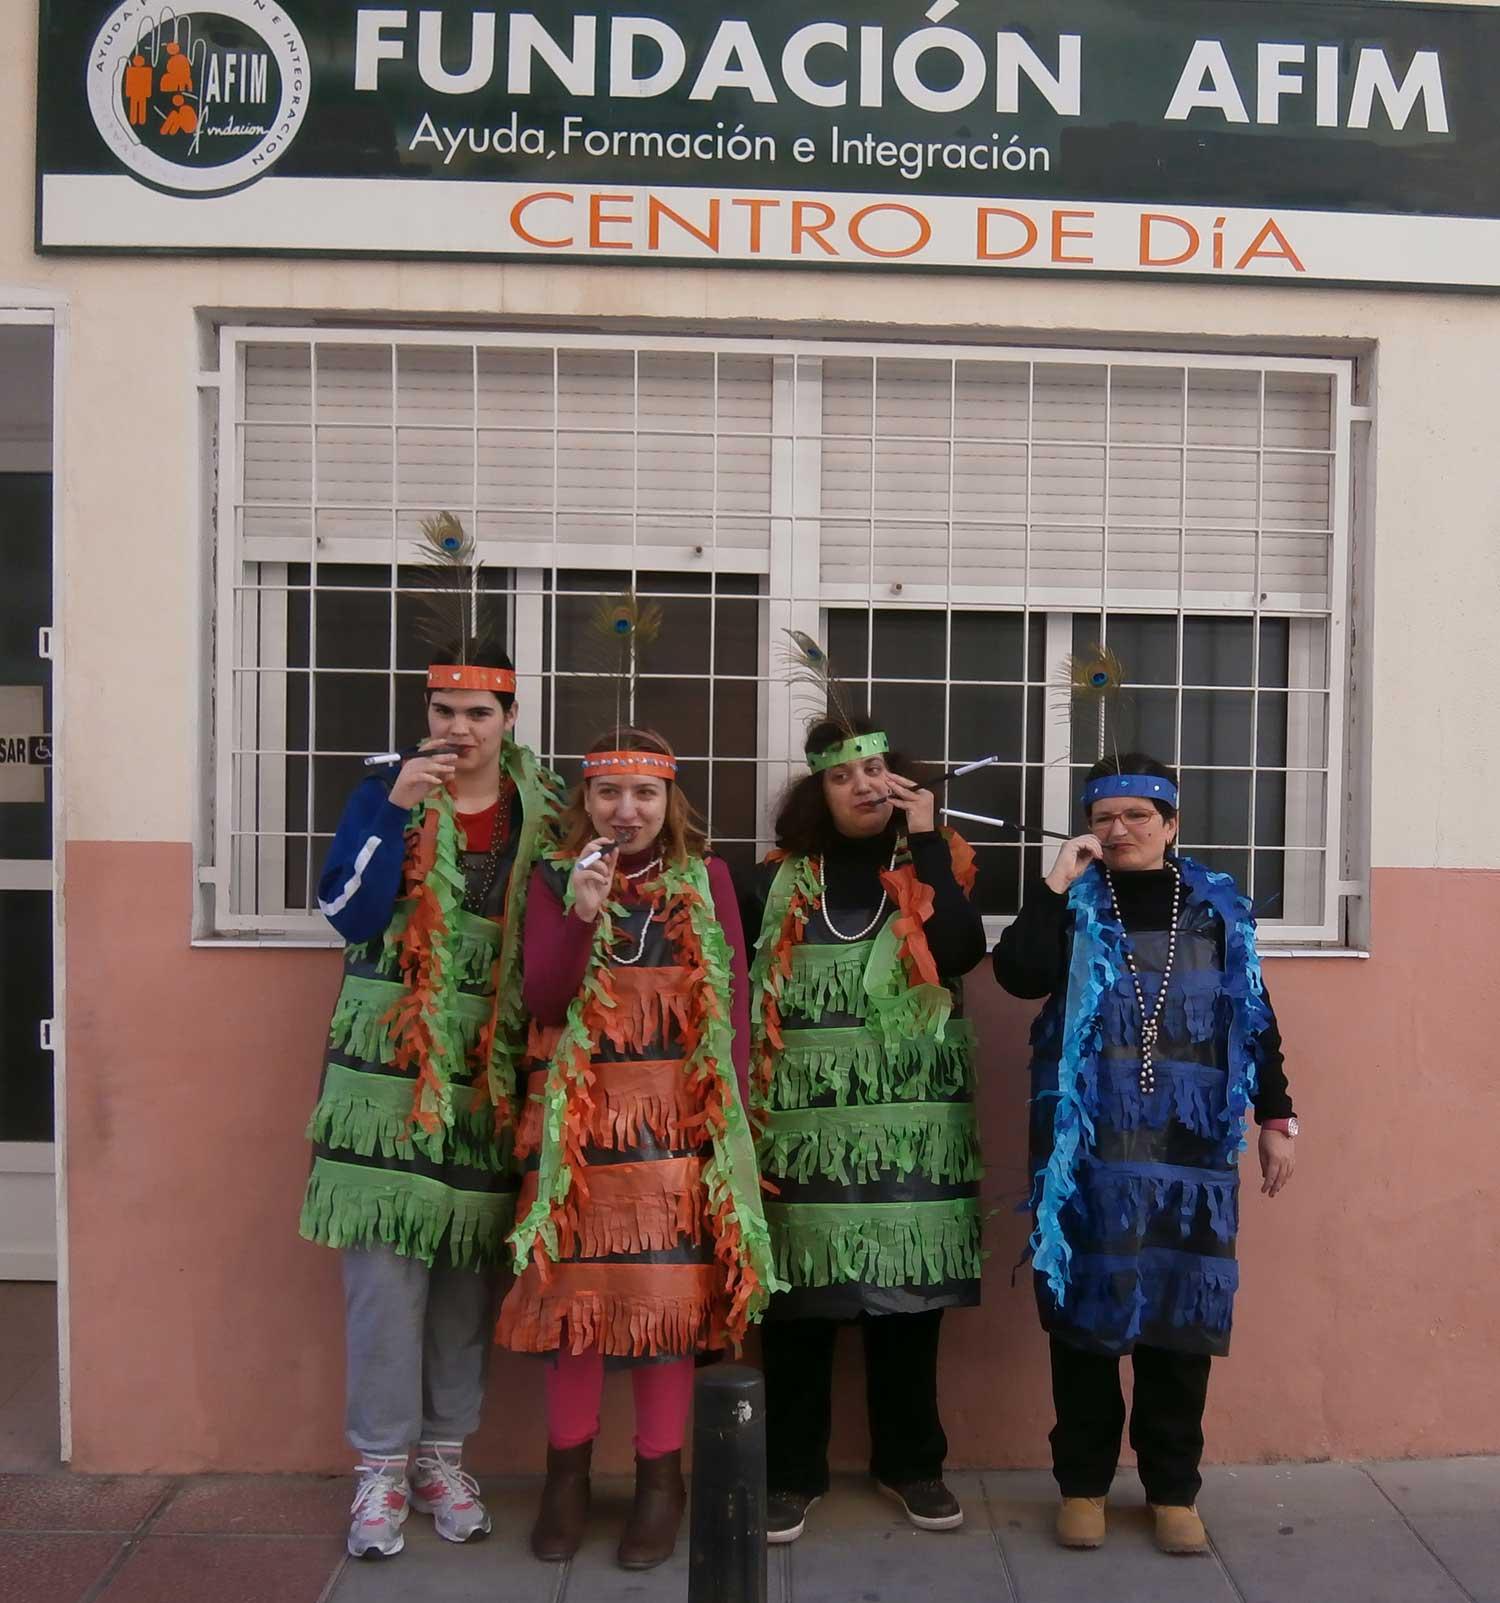 Actividades Fundación AFIM: TALLER DE ARTES ESCÉNICAS